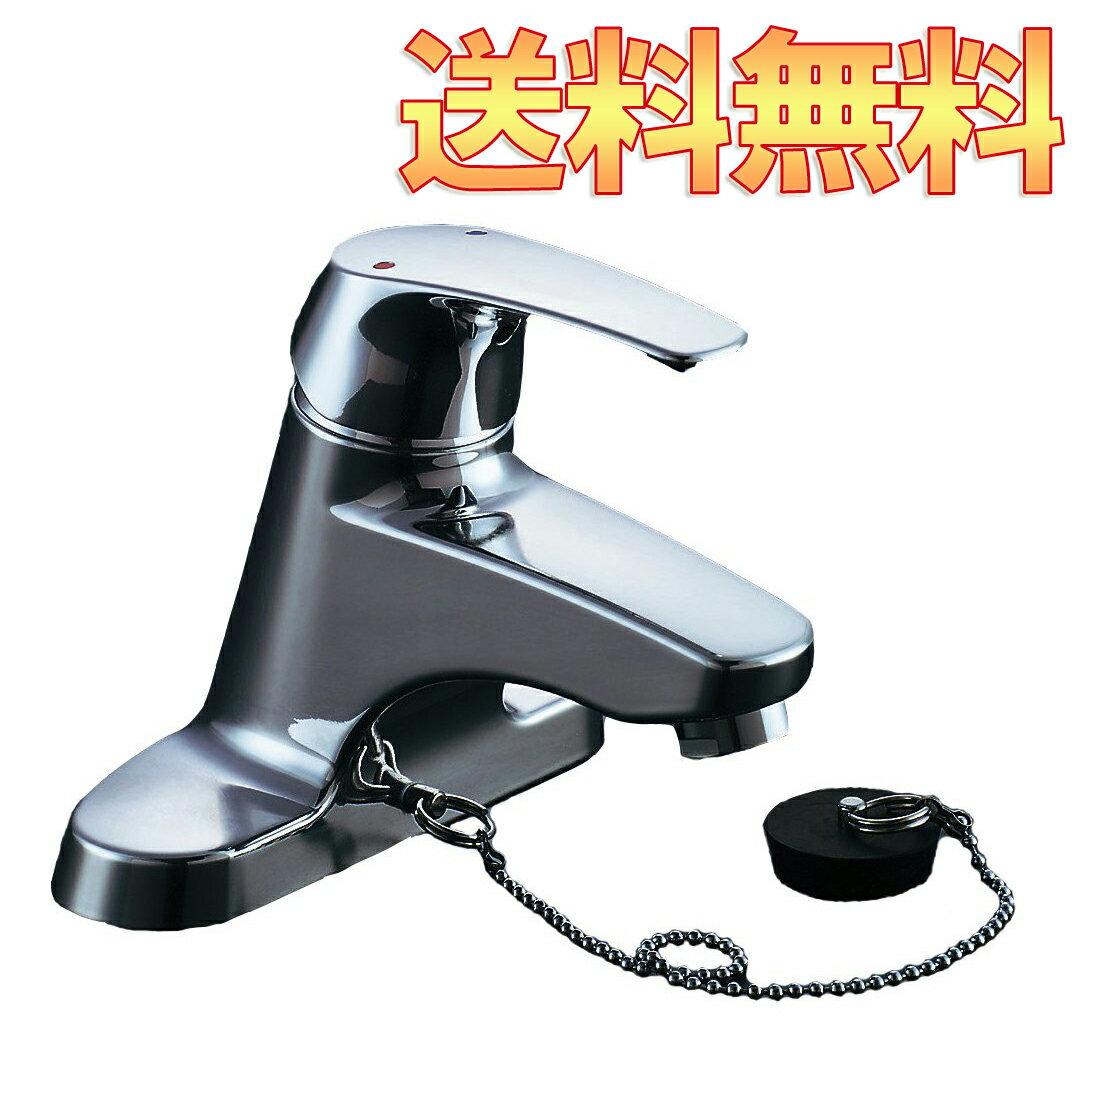 【送料無料】LIXIL 洗面用 シングルレバー混合水栓 RLF-403 | メッキハンドル【取寄せ品】